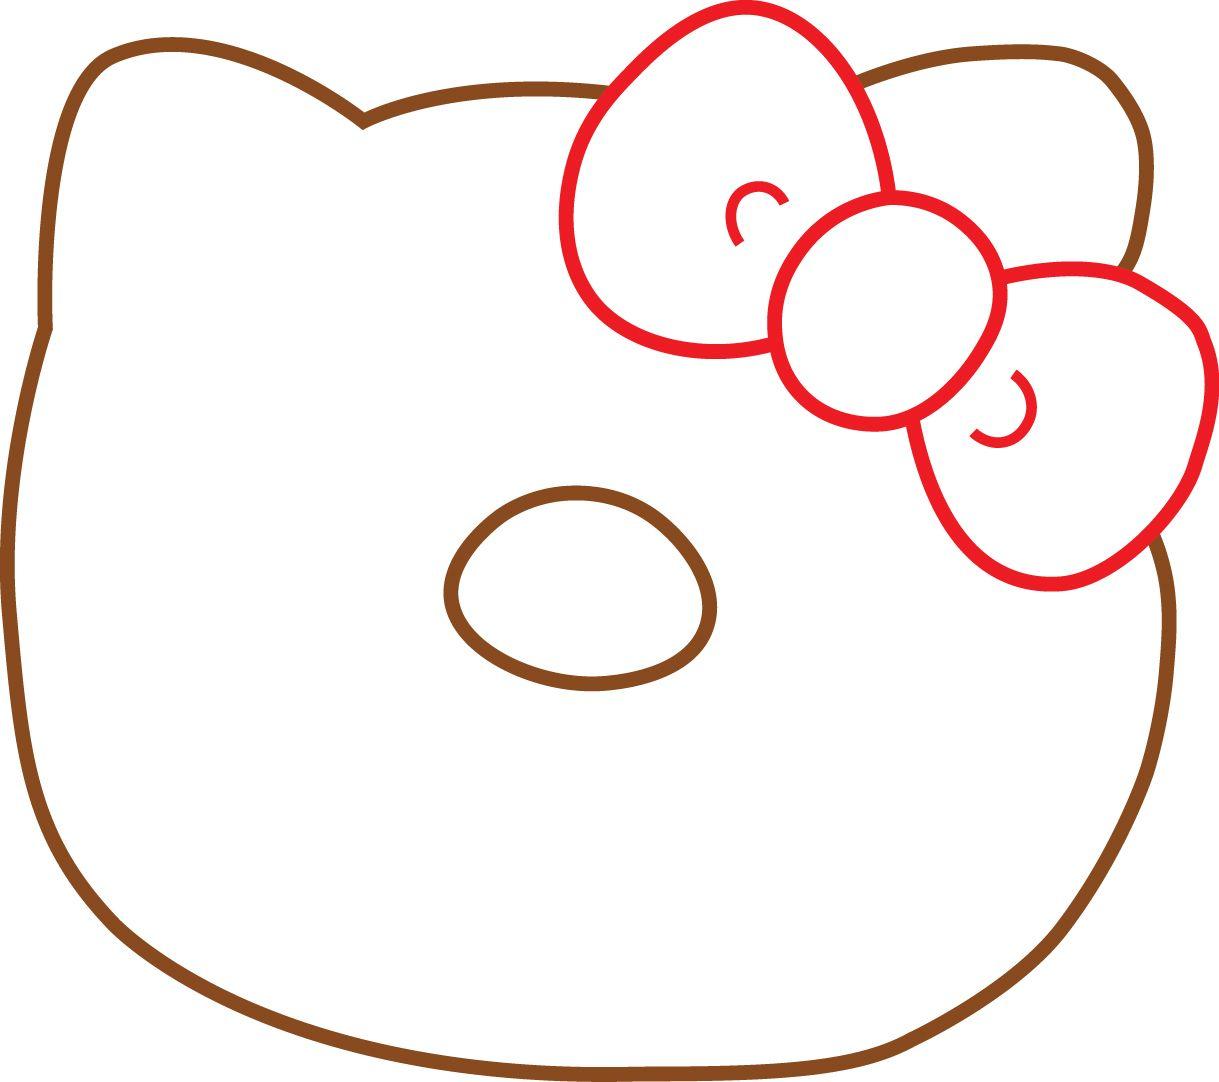 hello kitty donut template 2 | Crafts | Pinterest | Hello kitty ...